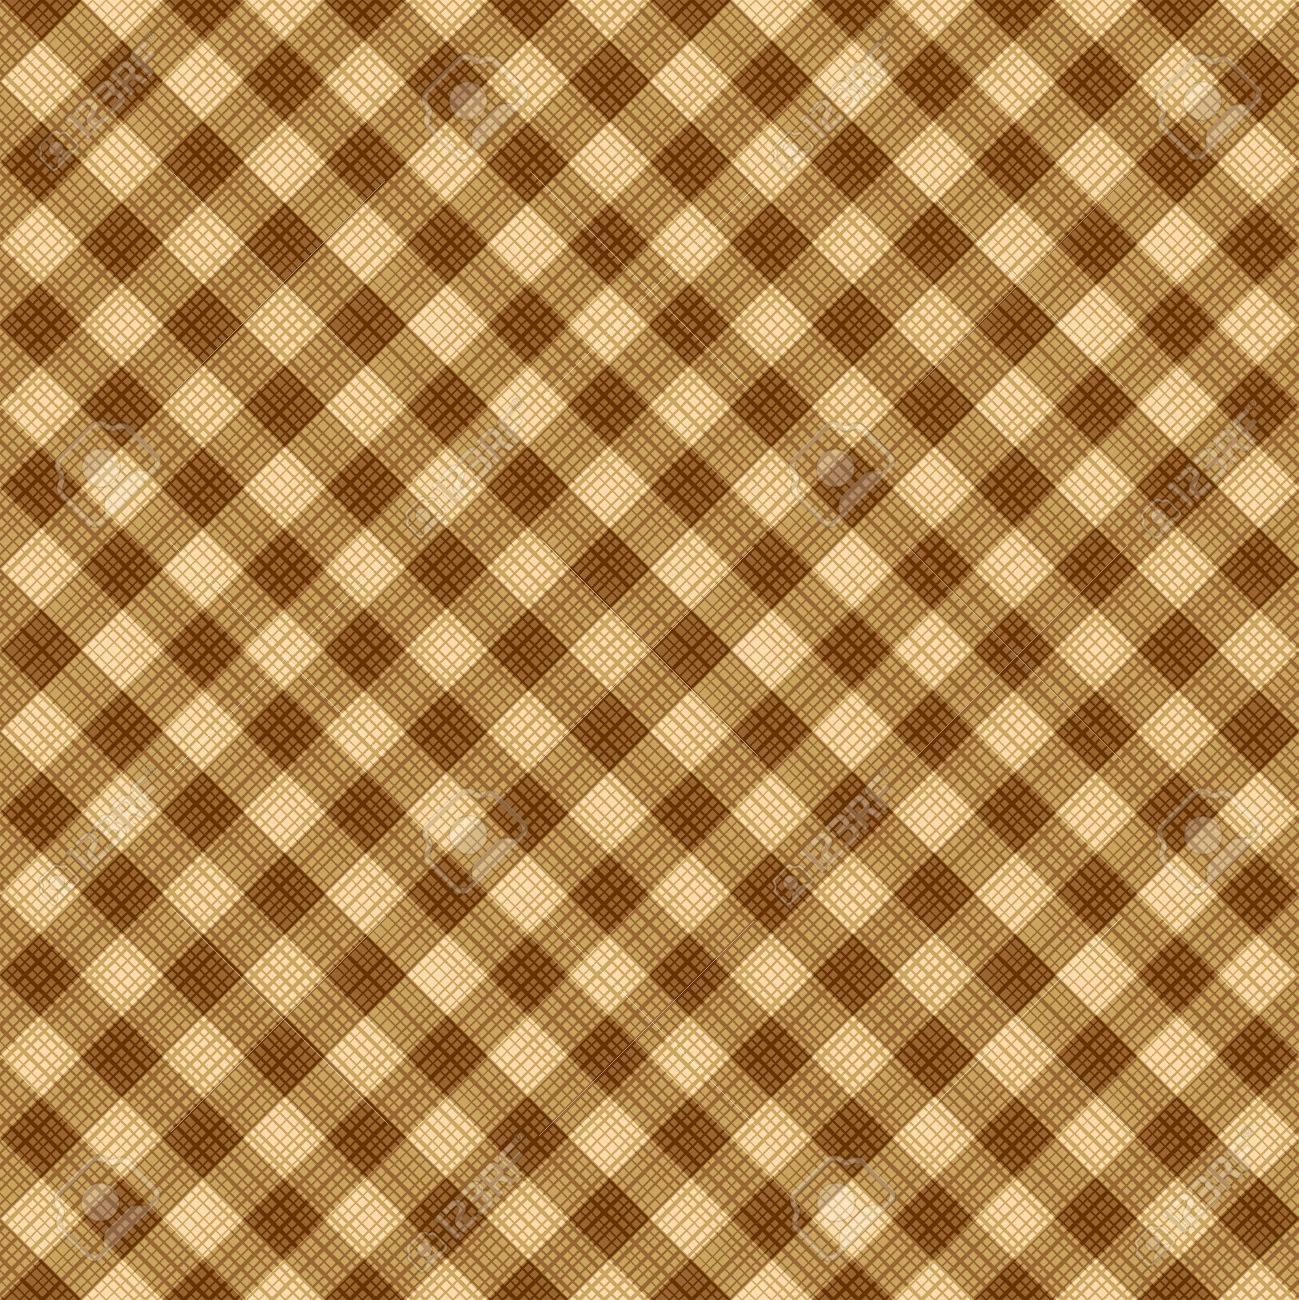 Banque Du0027images   Seamless (vous Voyez 4 Tuiles) Tan Et Brun Diagonal Tissu  De Tissu Vichy, Modèle, Swatch, Fond, Texture Ou Le Papier Peint.